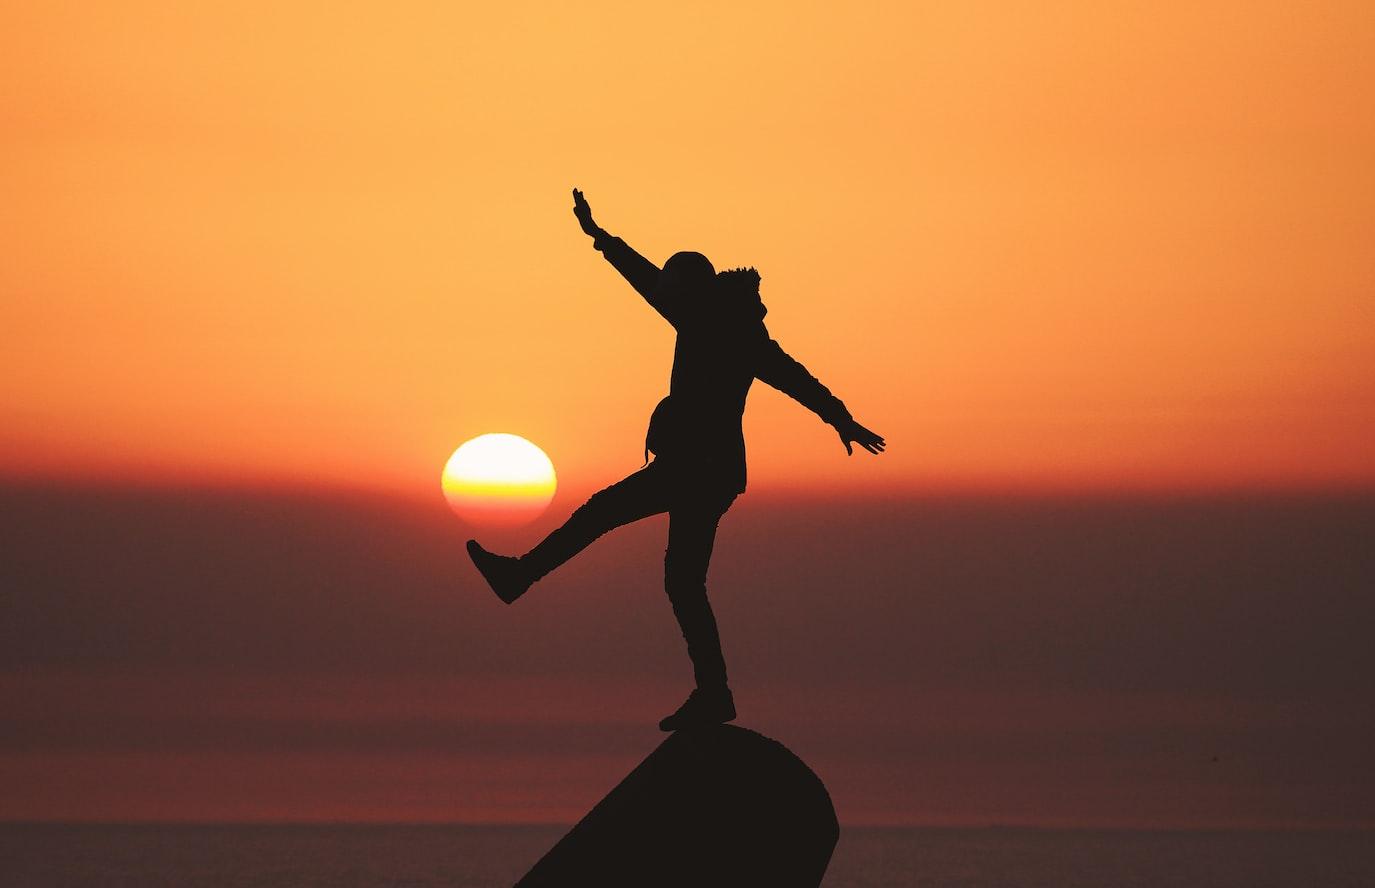 Silhouette einer Person bei Sonnenaufgang